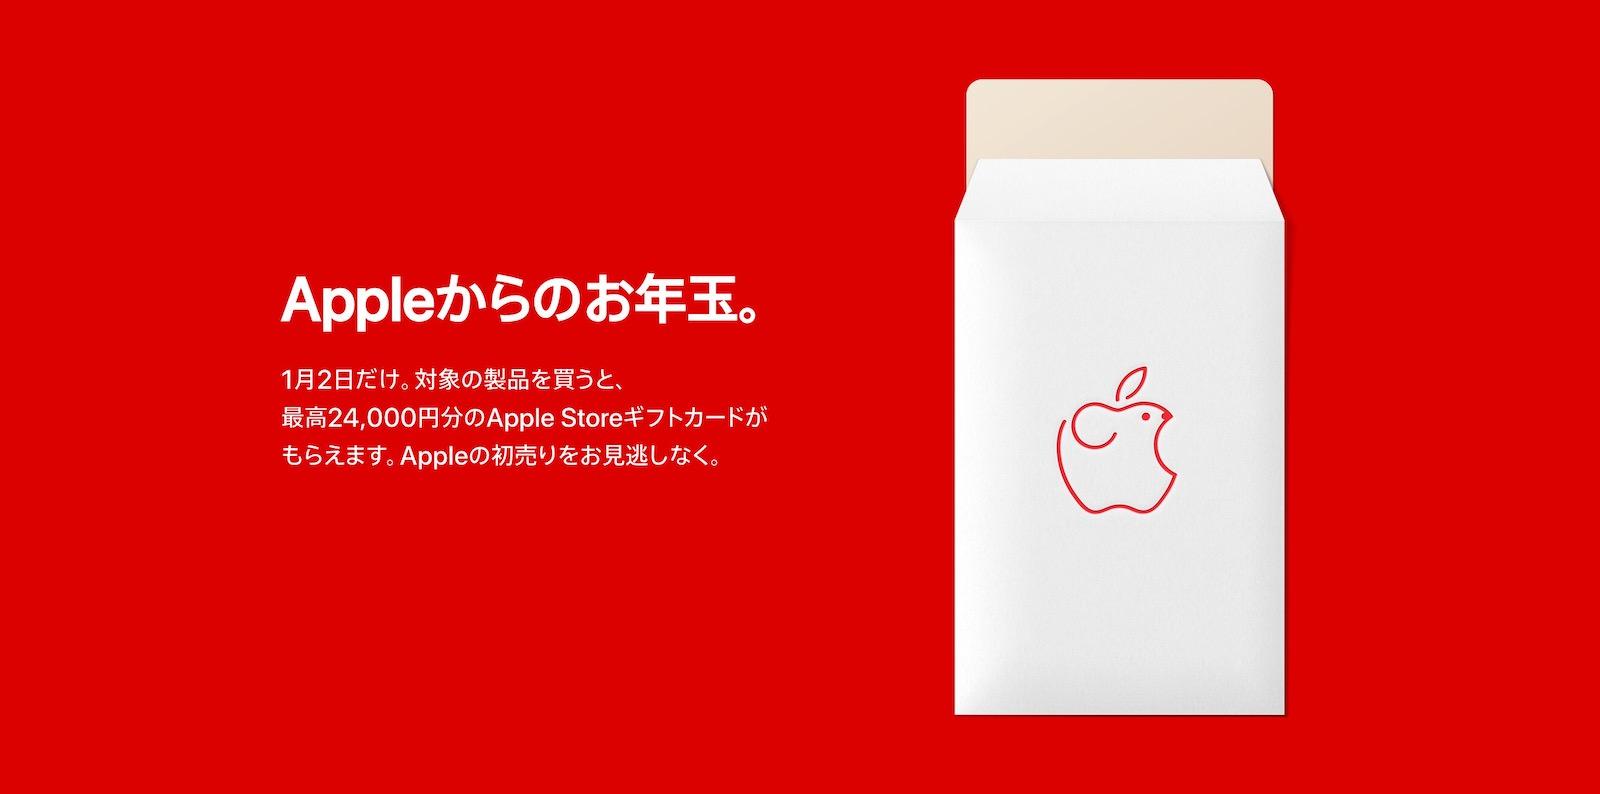 Apple-New-Years-Sale.jpg